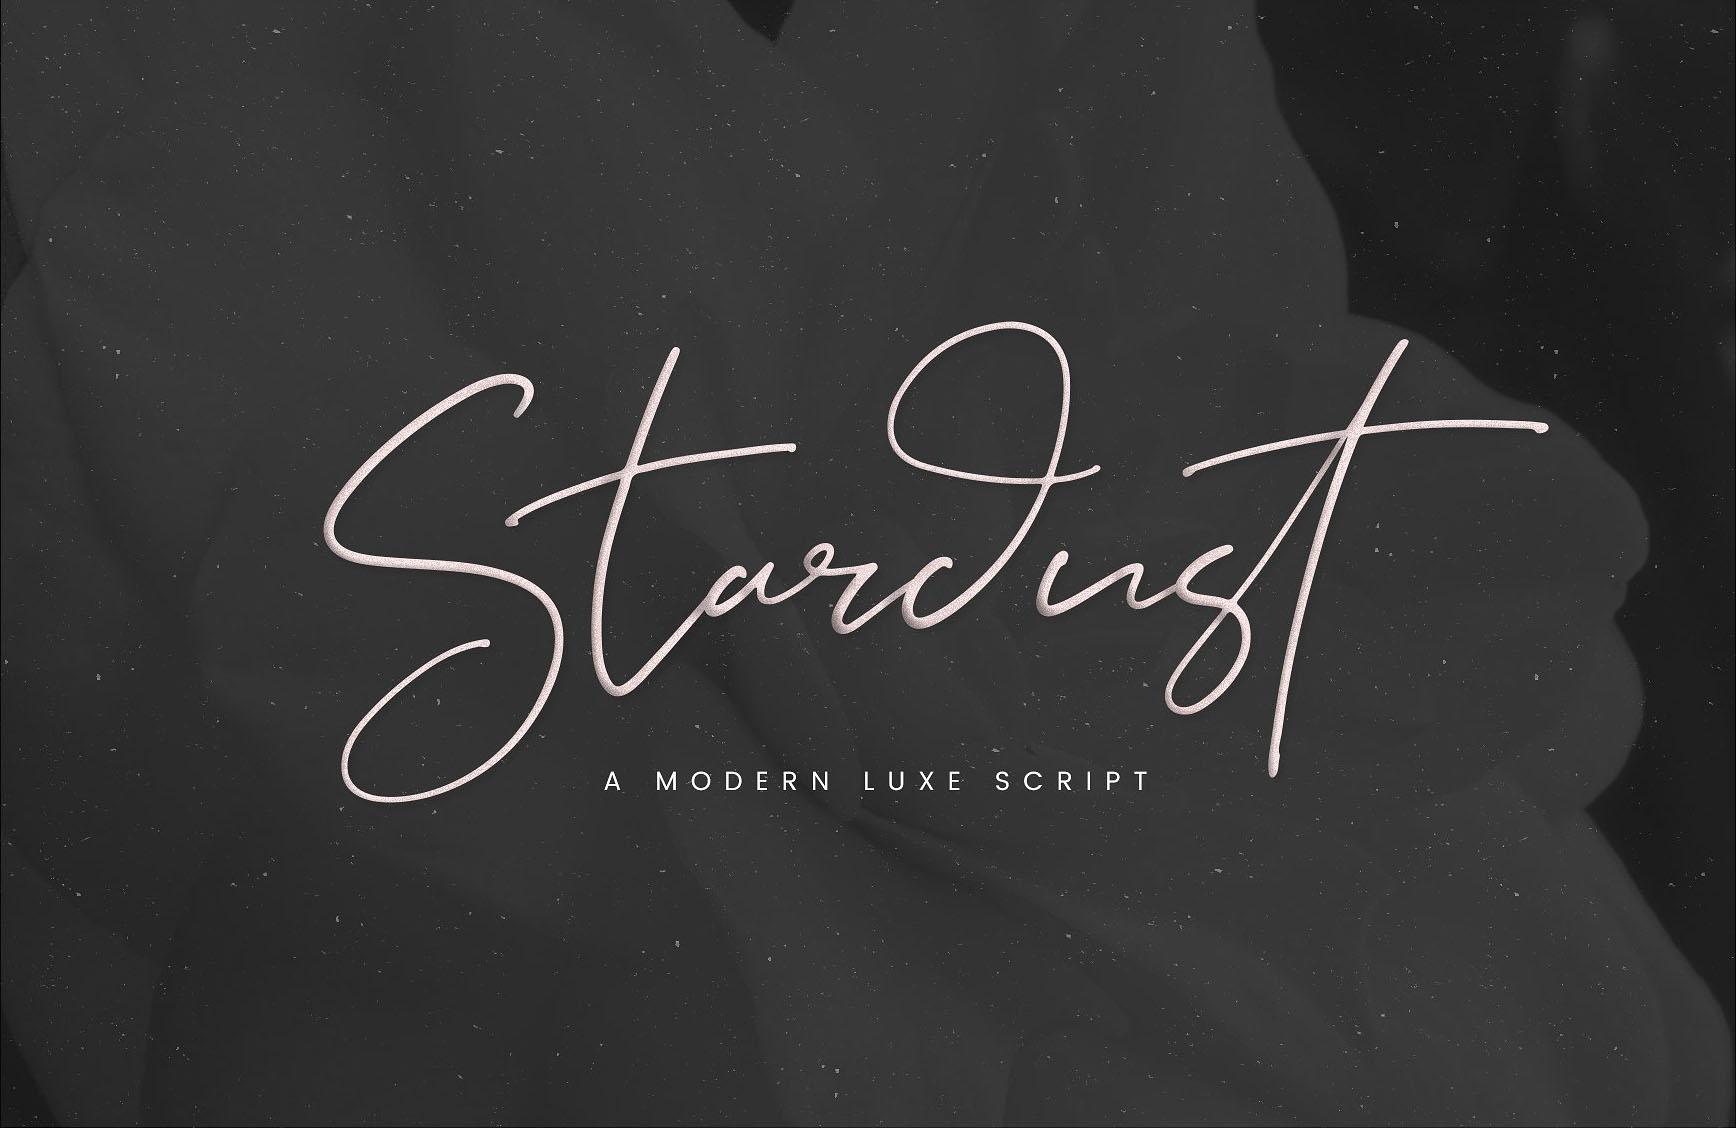 Stardust手写细签名艺术英文字体下载